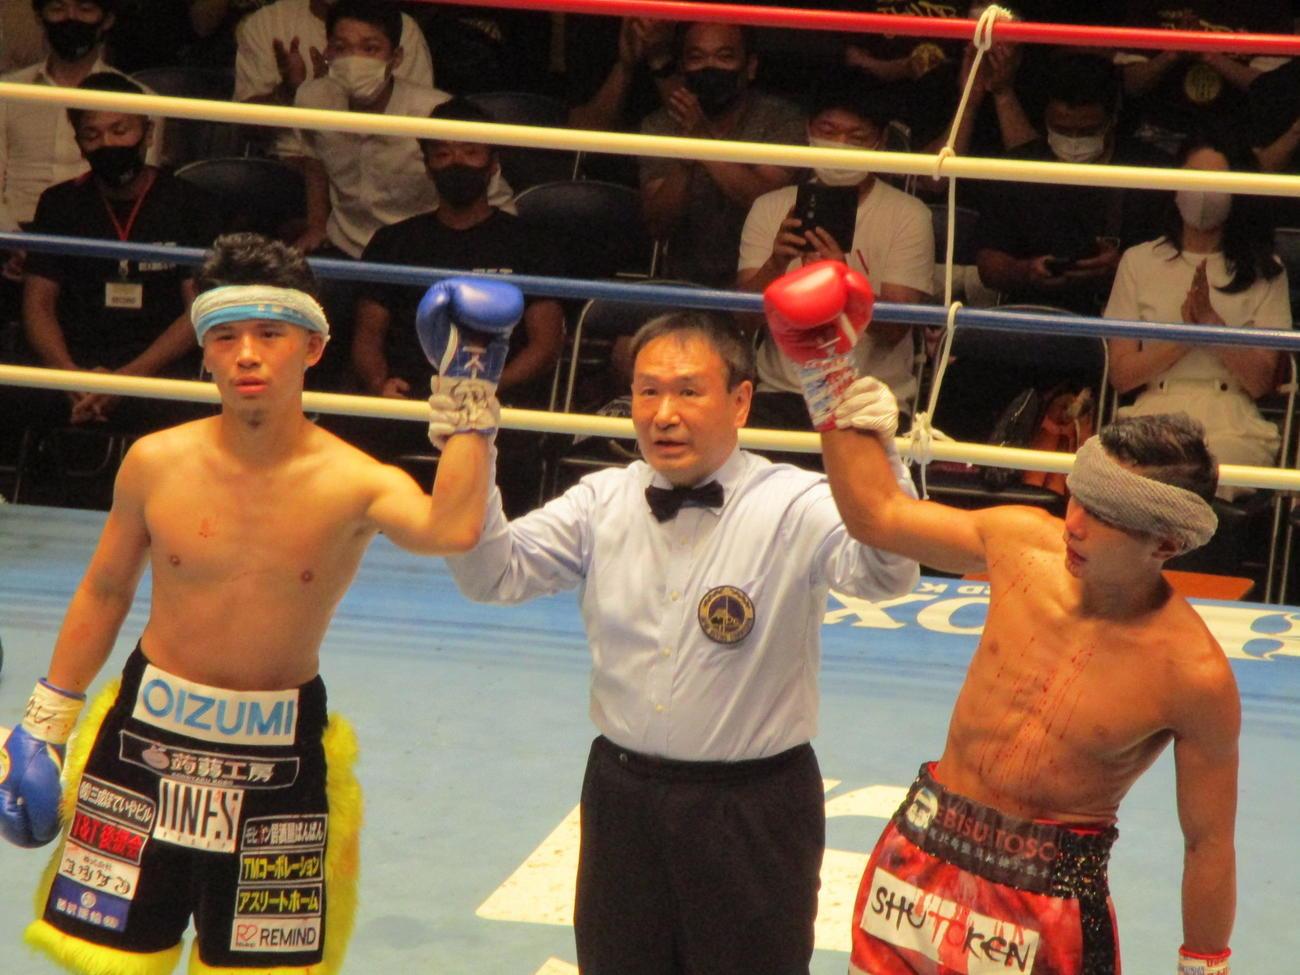 負傷引き分けで眉間の傷にタオルを巻いた定常育郎(左)と沢田京介(右)